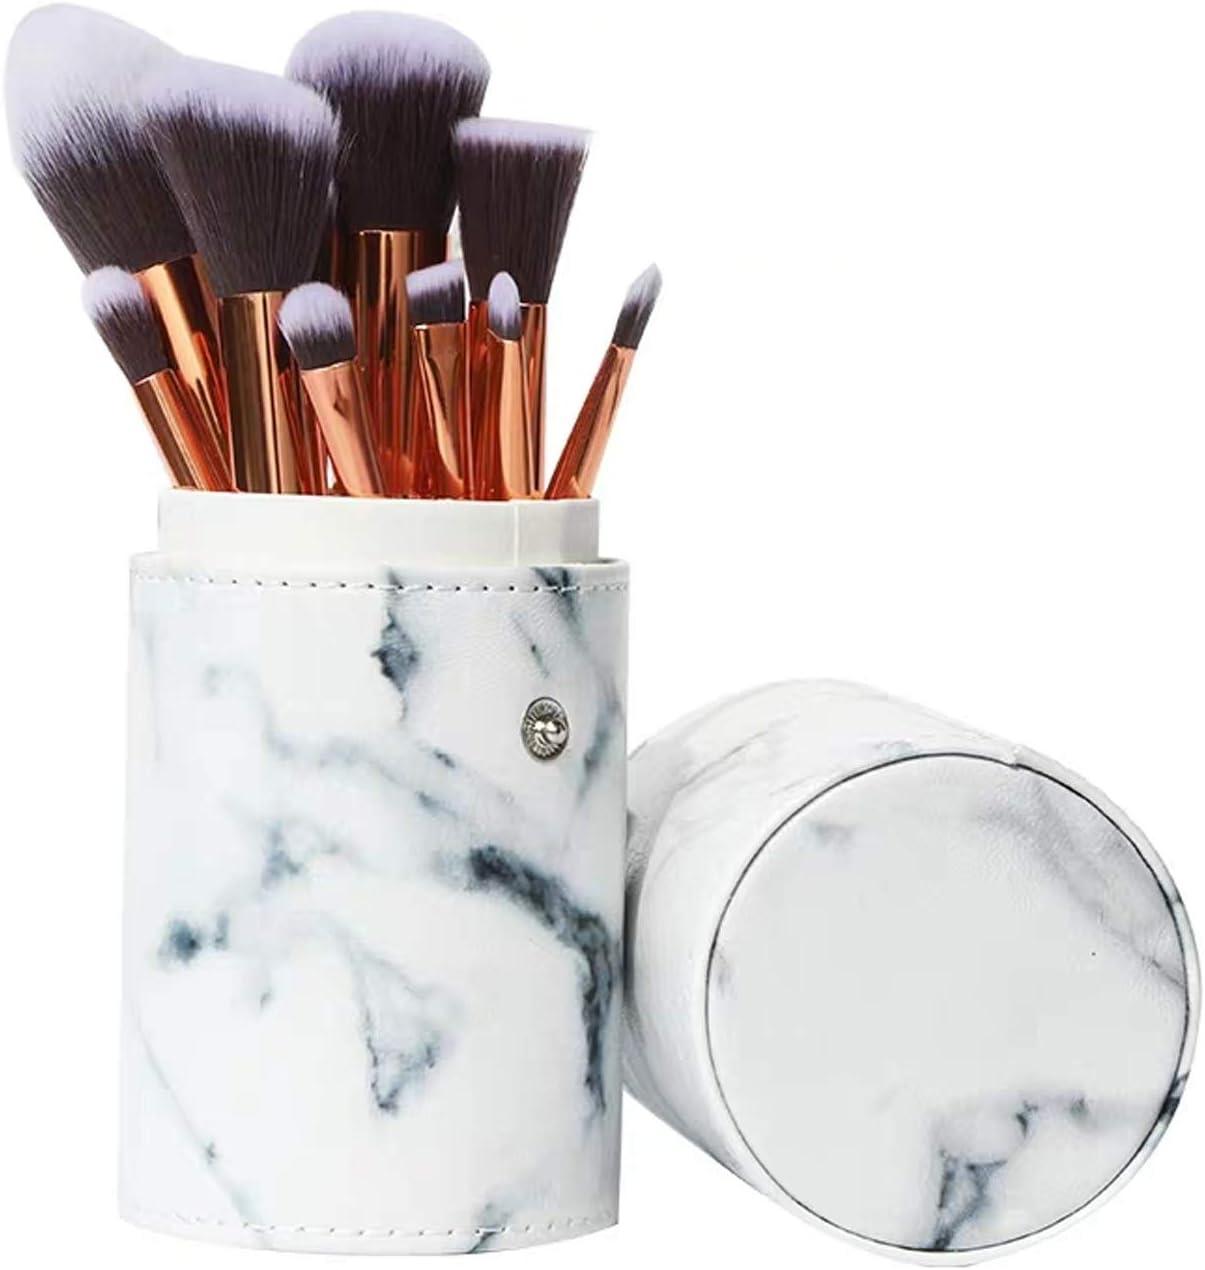 Set de brochas de maquillaje profesional Ruesious 10 piezas Pinceles de maquillaje Set Premium Synthetic Foundation Brush Blending Face Powder Blush Concealers Kit de pinceles